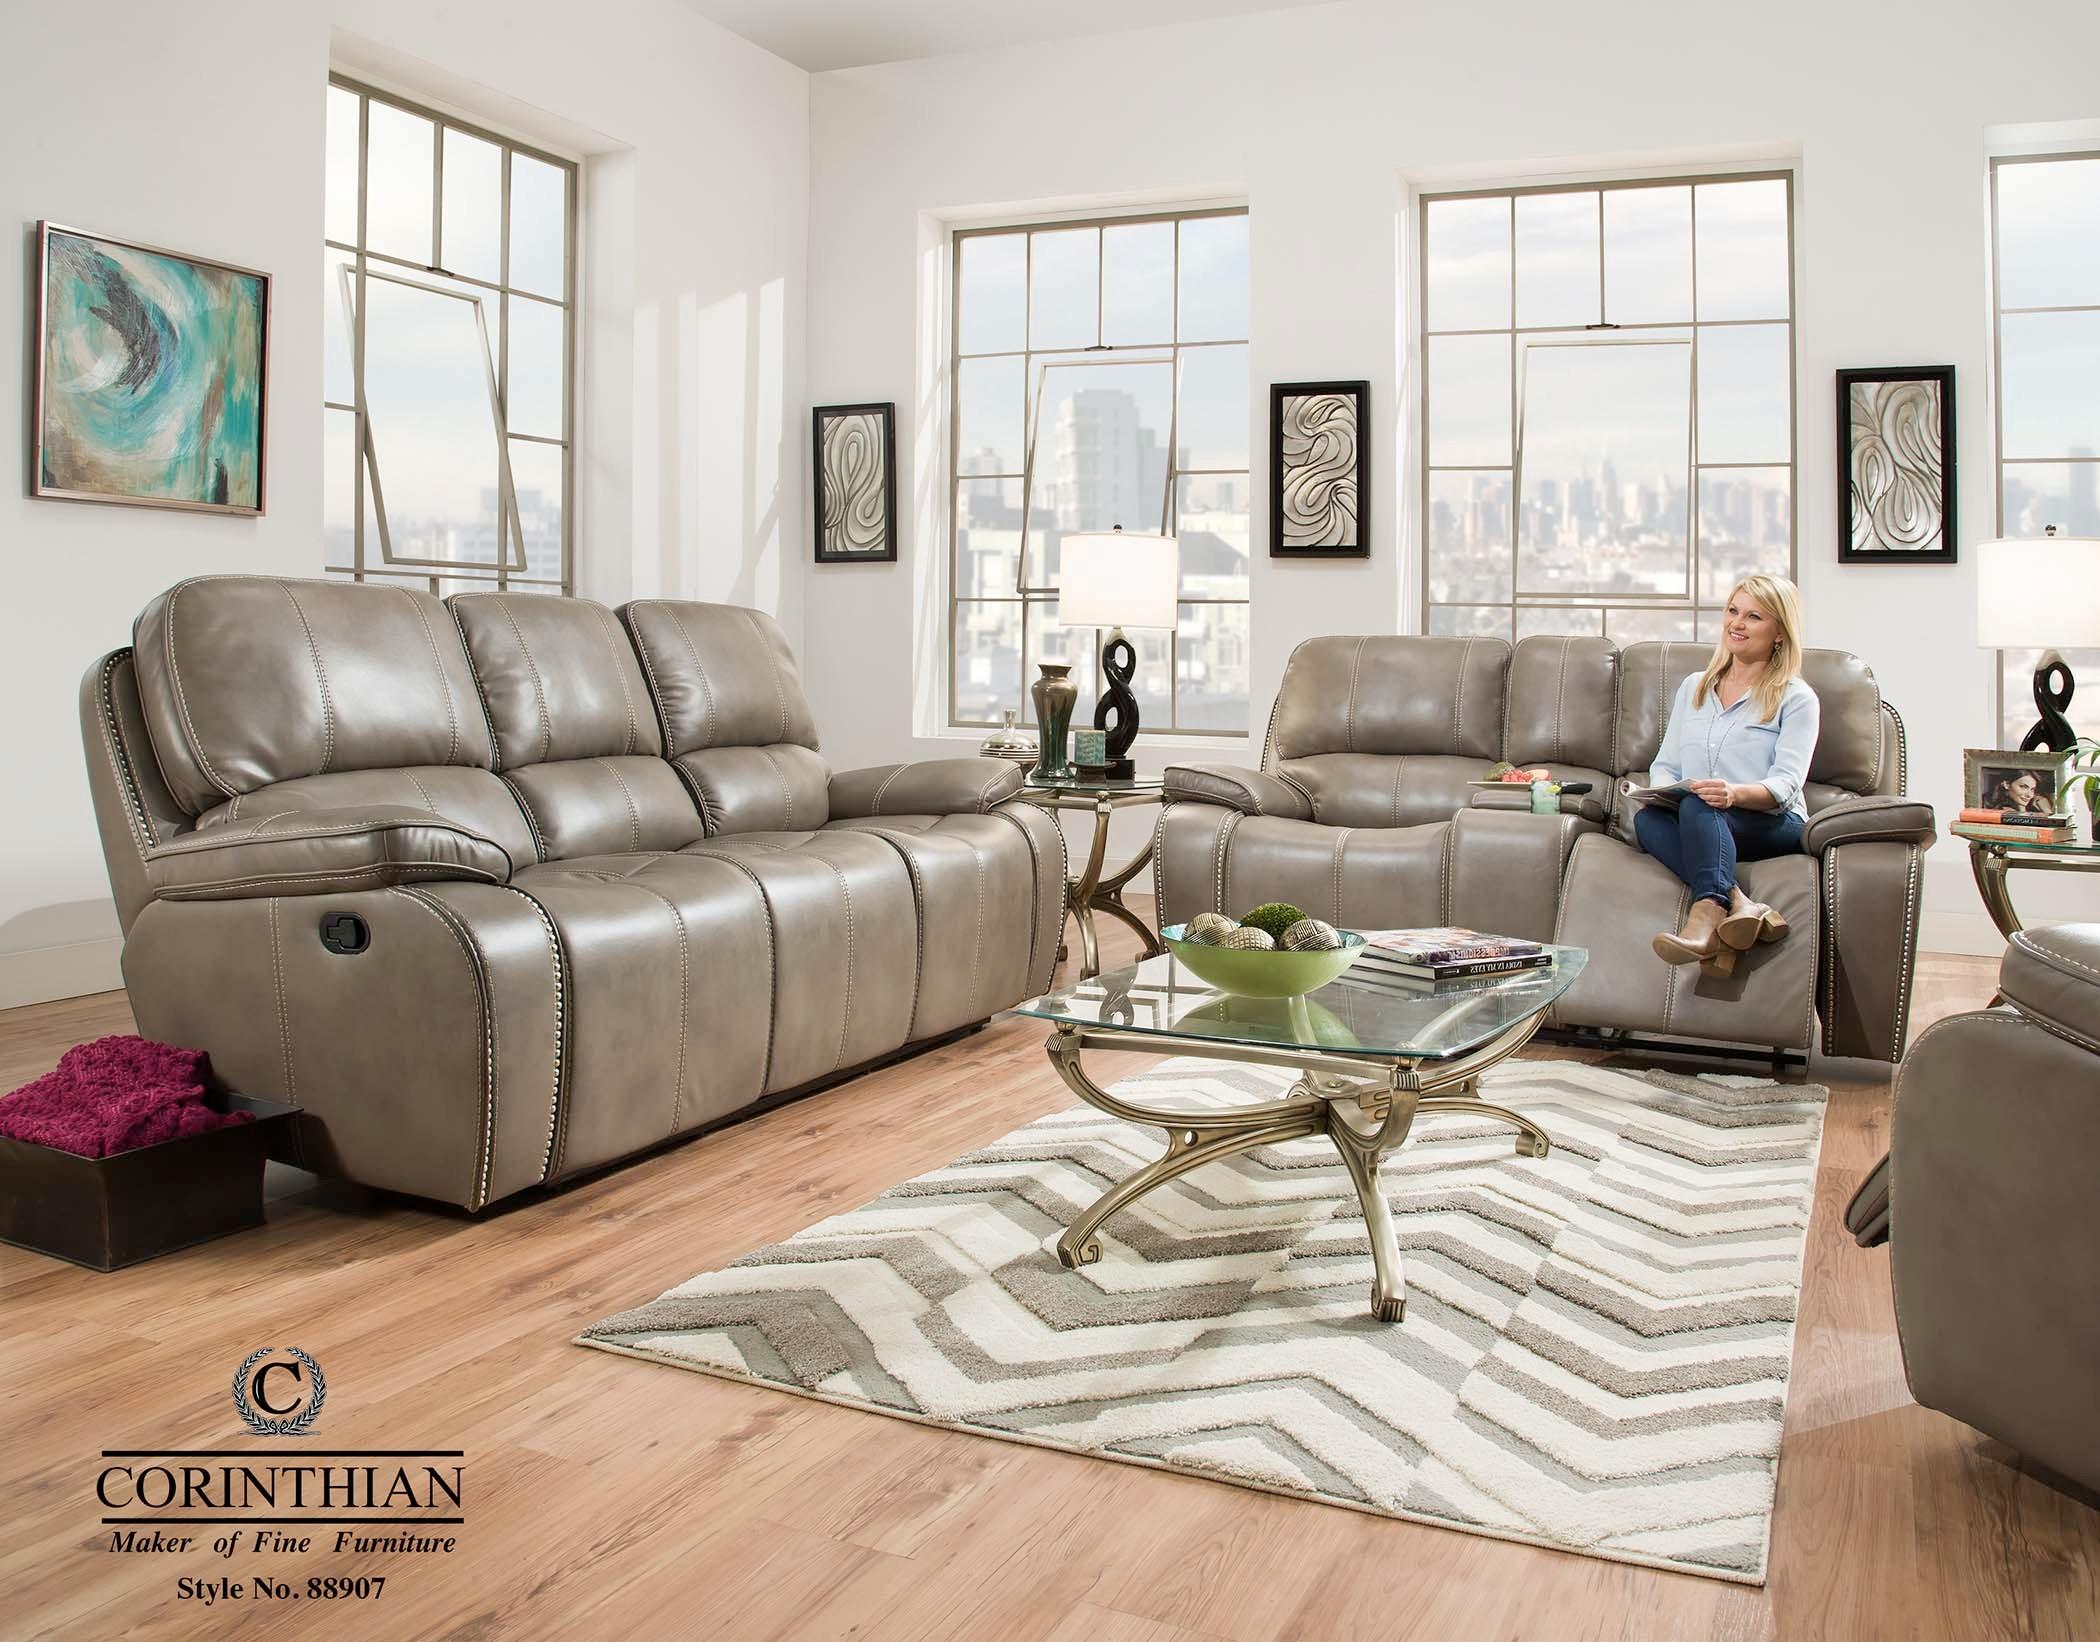 Corinthian Reclining Sofa U0026 Loveseat 88907 30/40